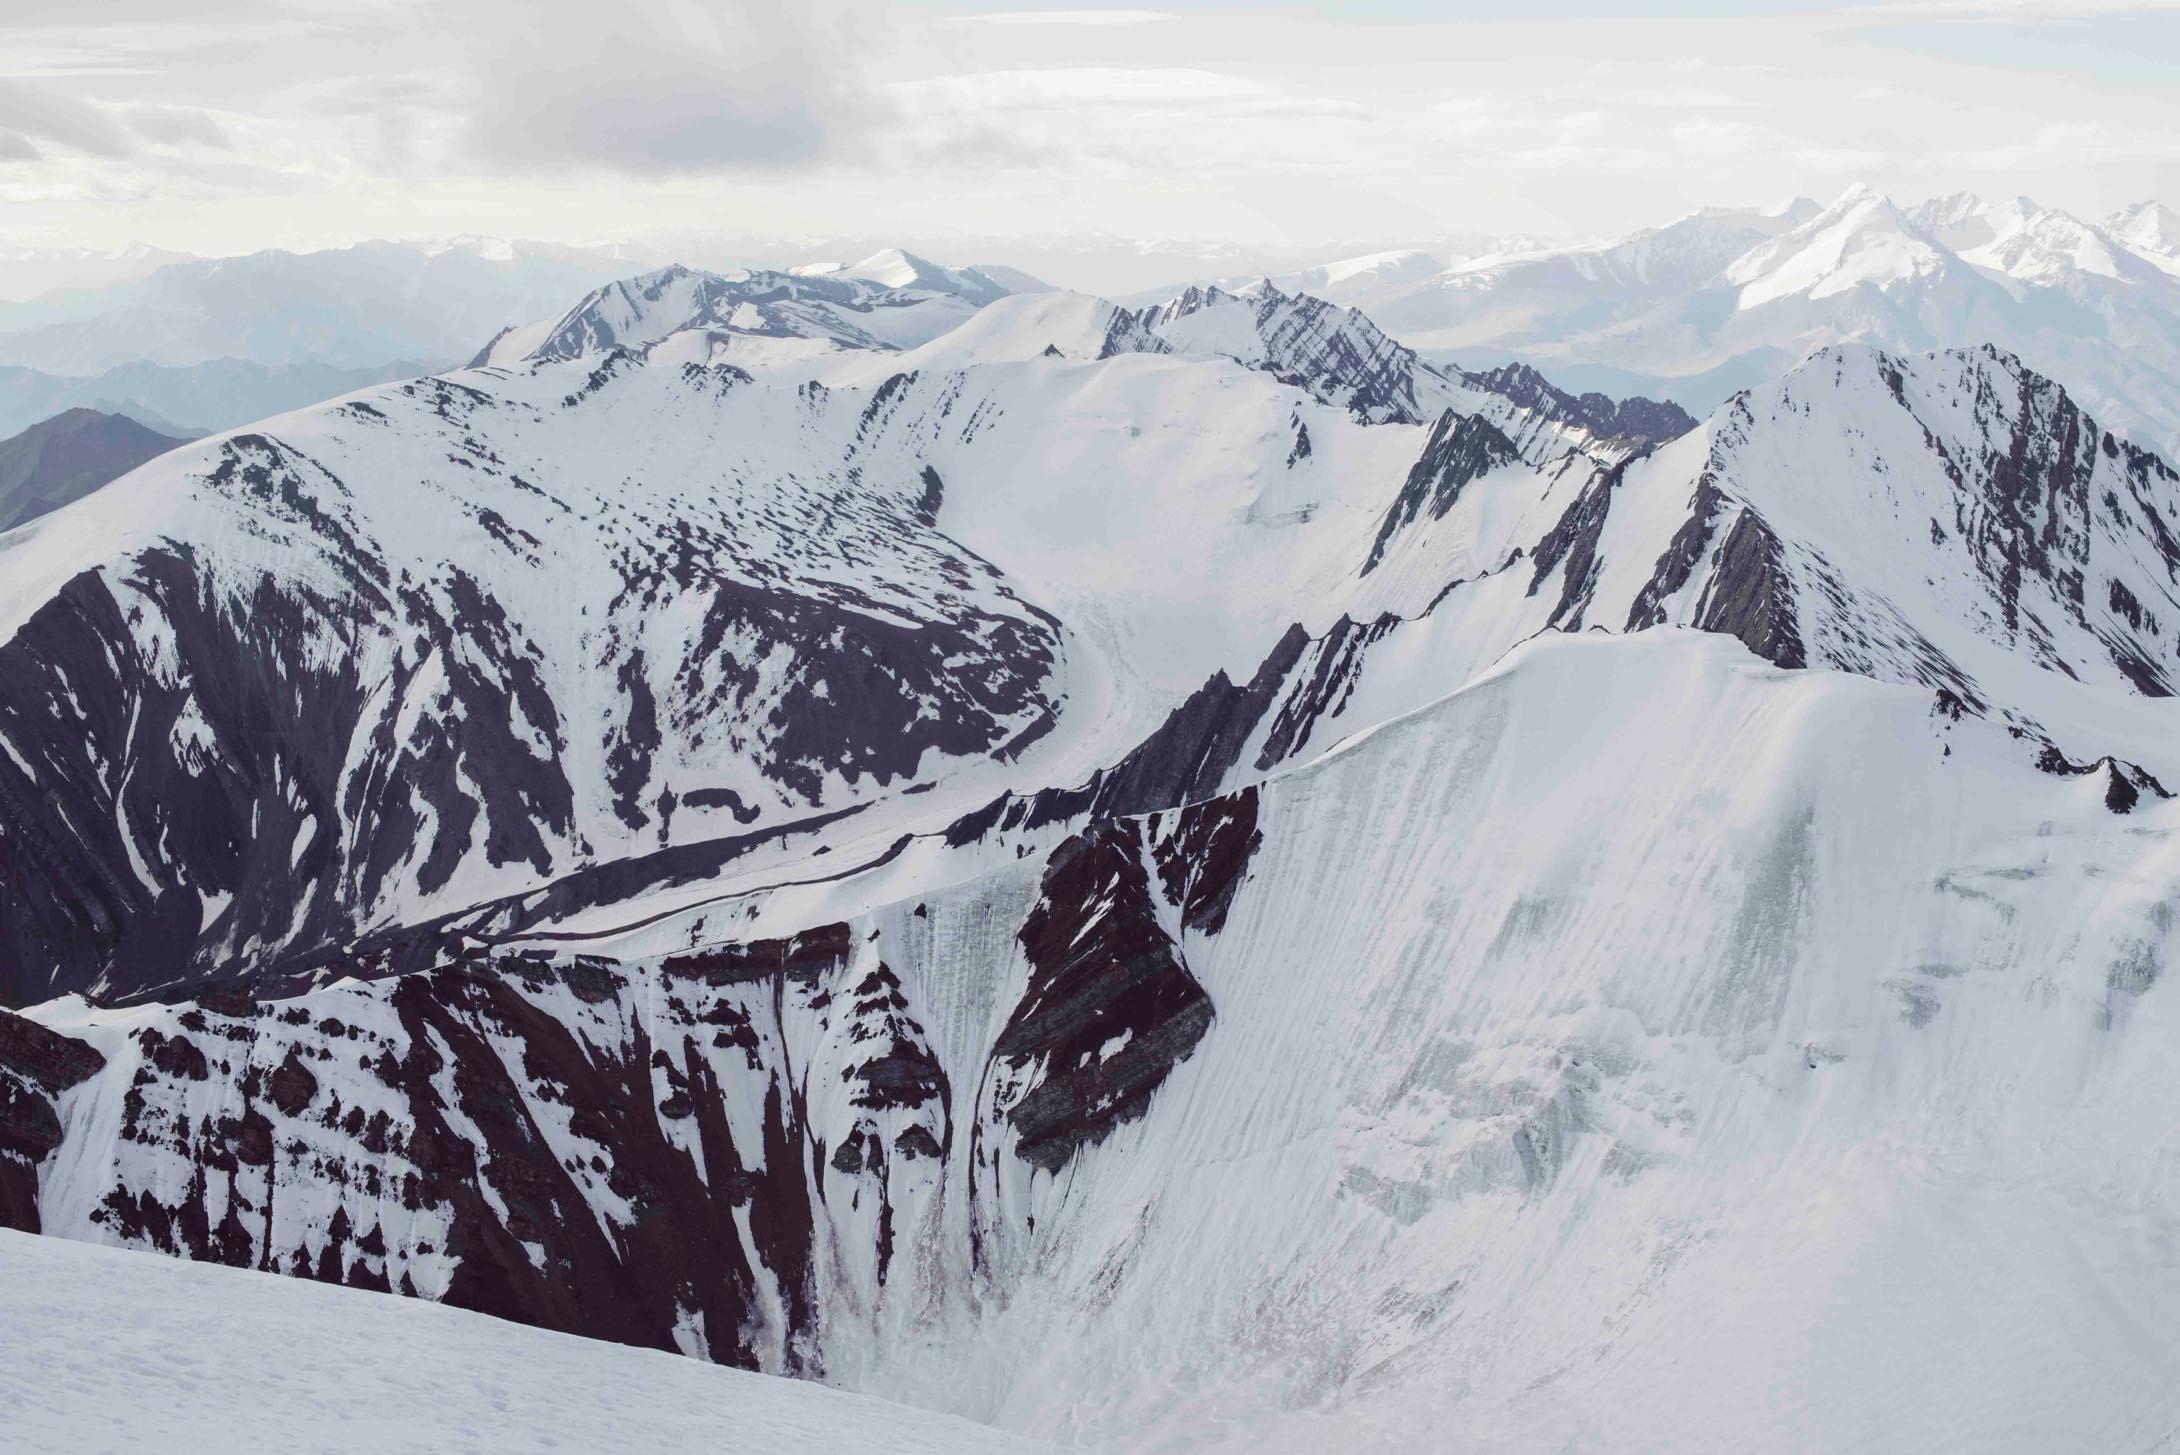 ラダックのストックカンリ山